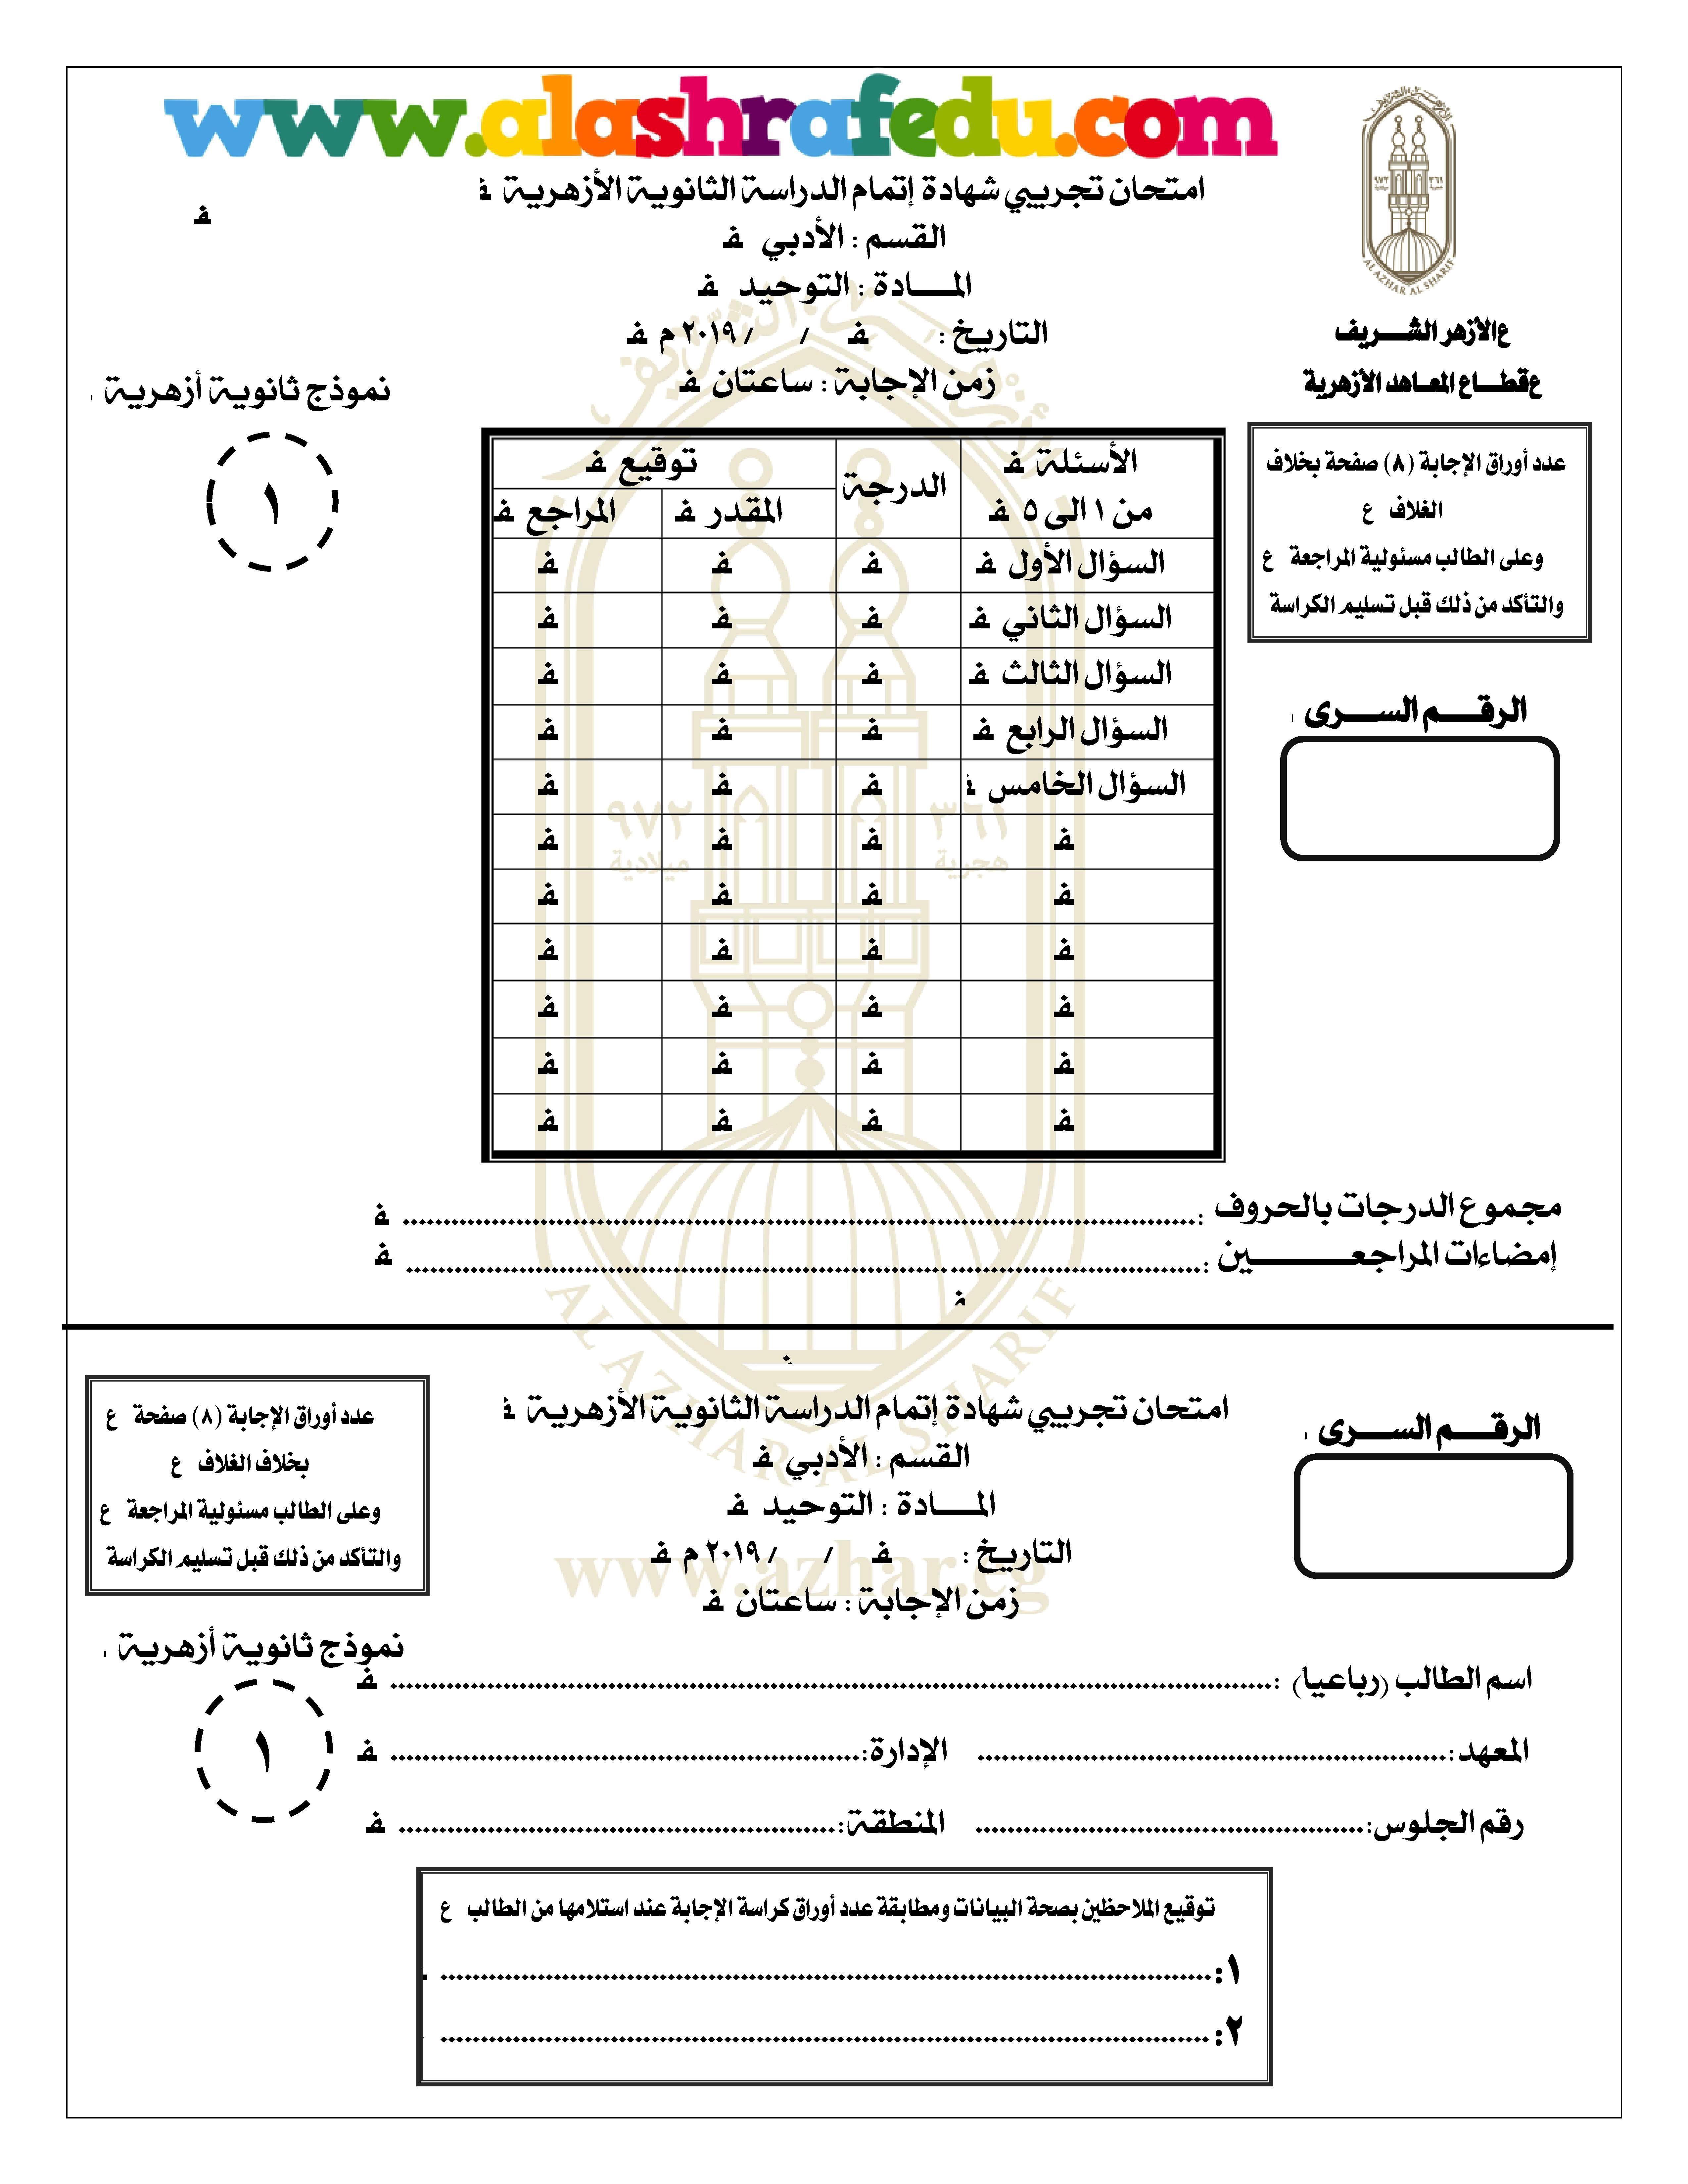 نموذج بوكليت إسترشادى توحيد الإمتحان الإجابه 2019 الشهاده الثانويه الأزهريه www.alashrafedu.com1